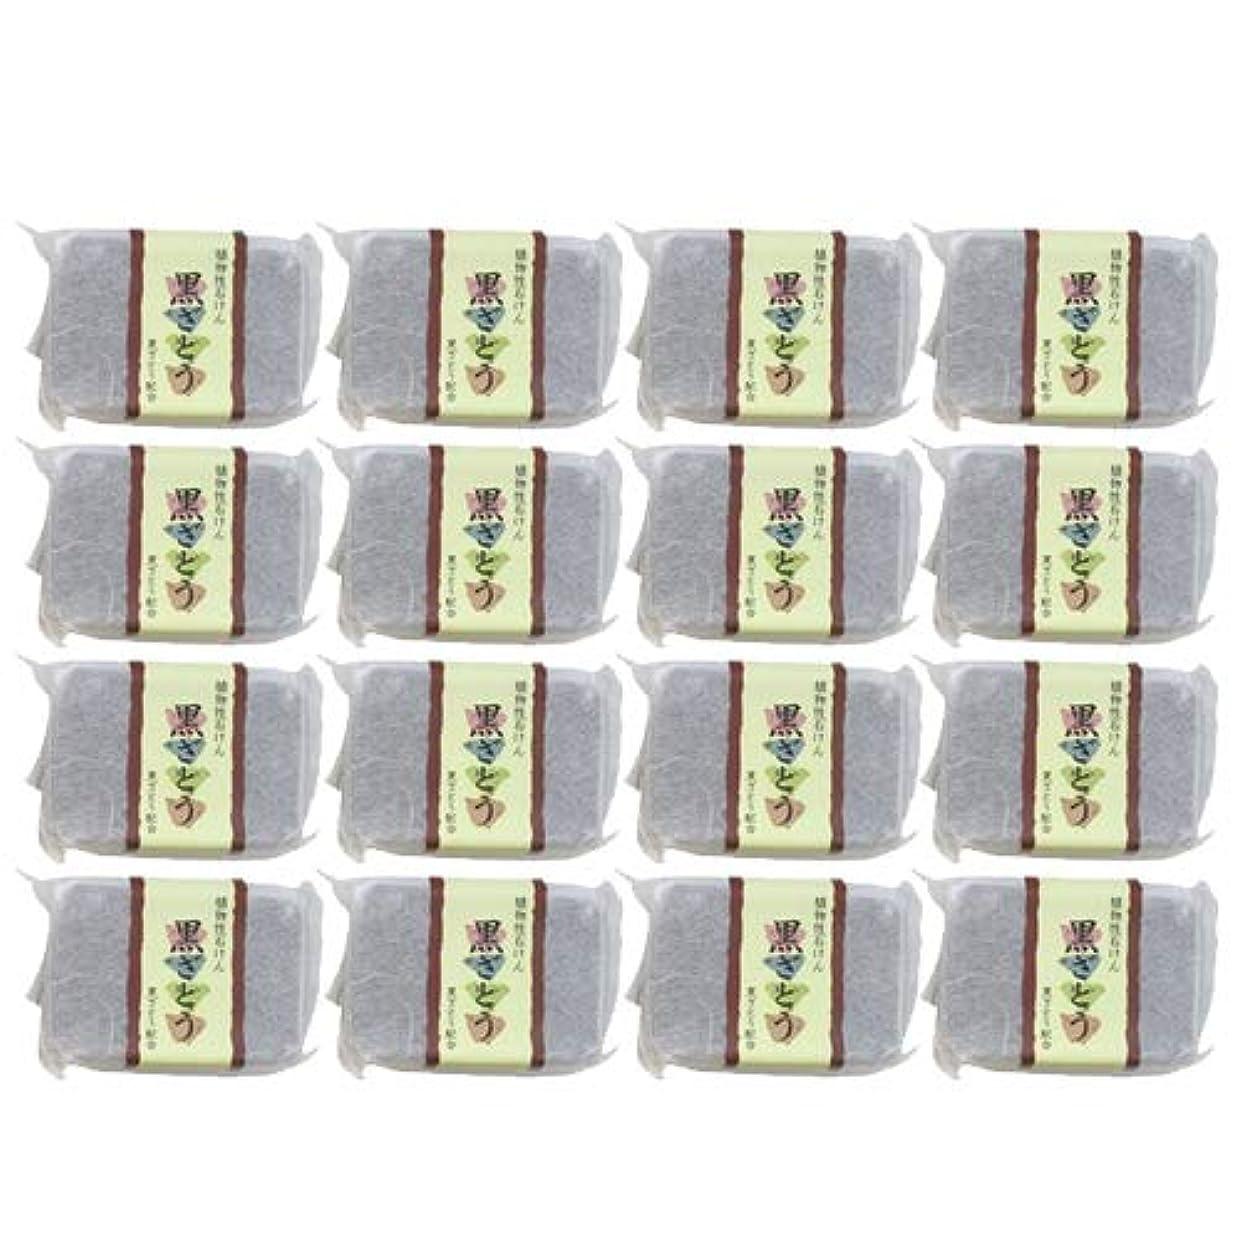 有名人ほとんどの場合言う植物性ソープ 自然石けん 黒ざとう 80g ×16個